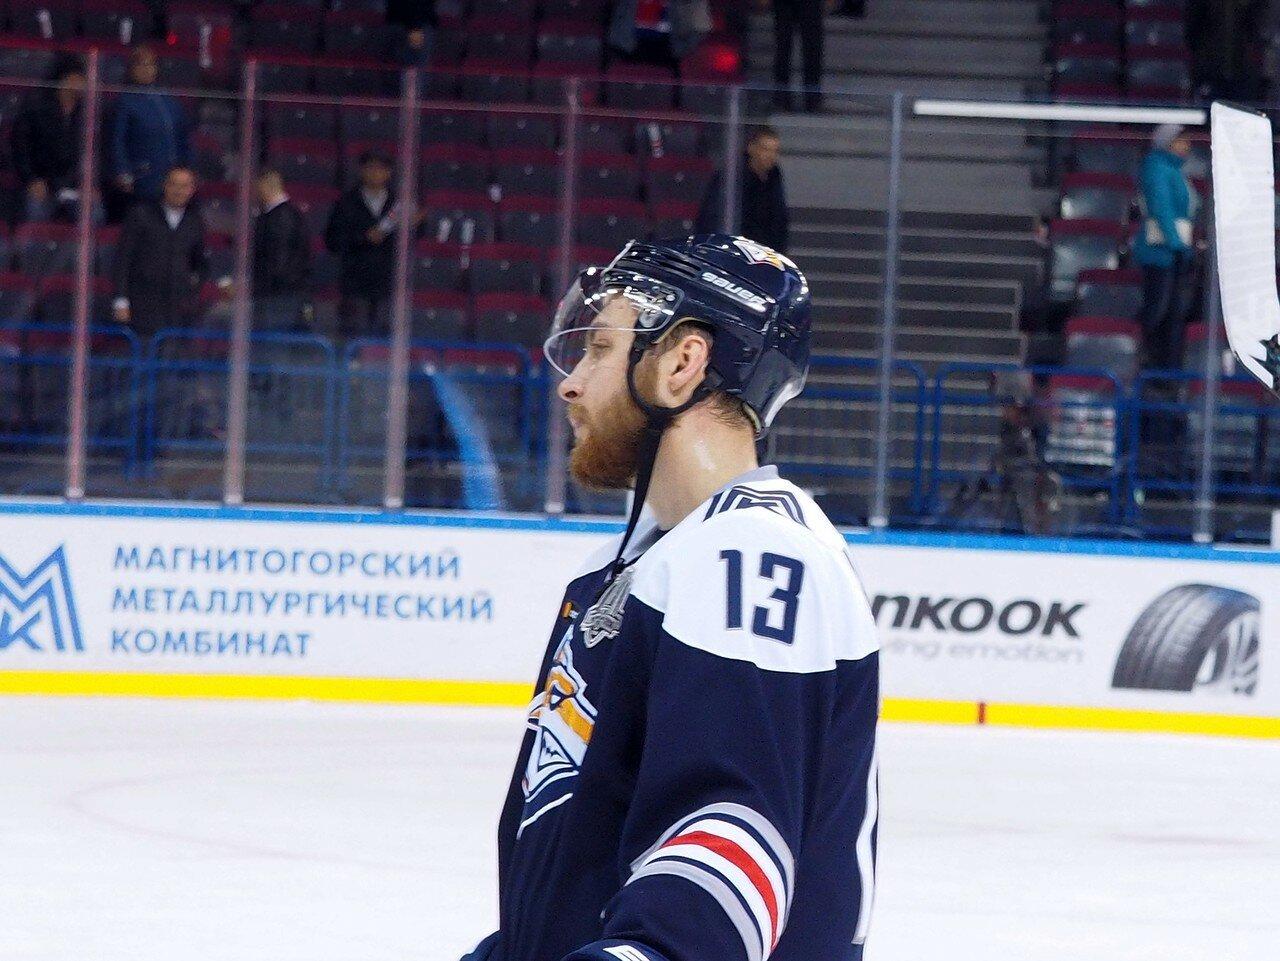 188 Металлург - ЦСКА 18.10.2017